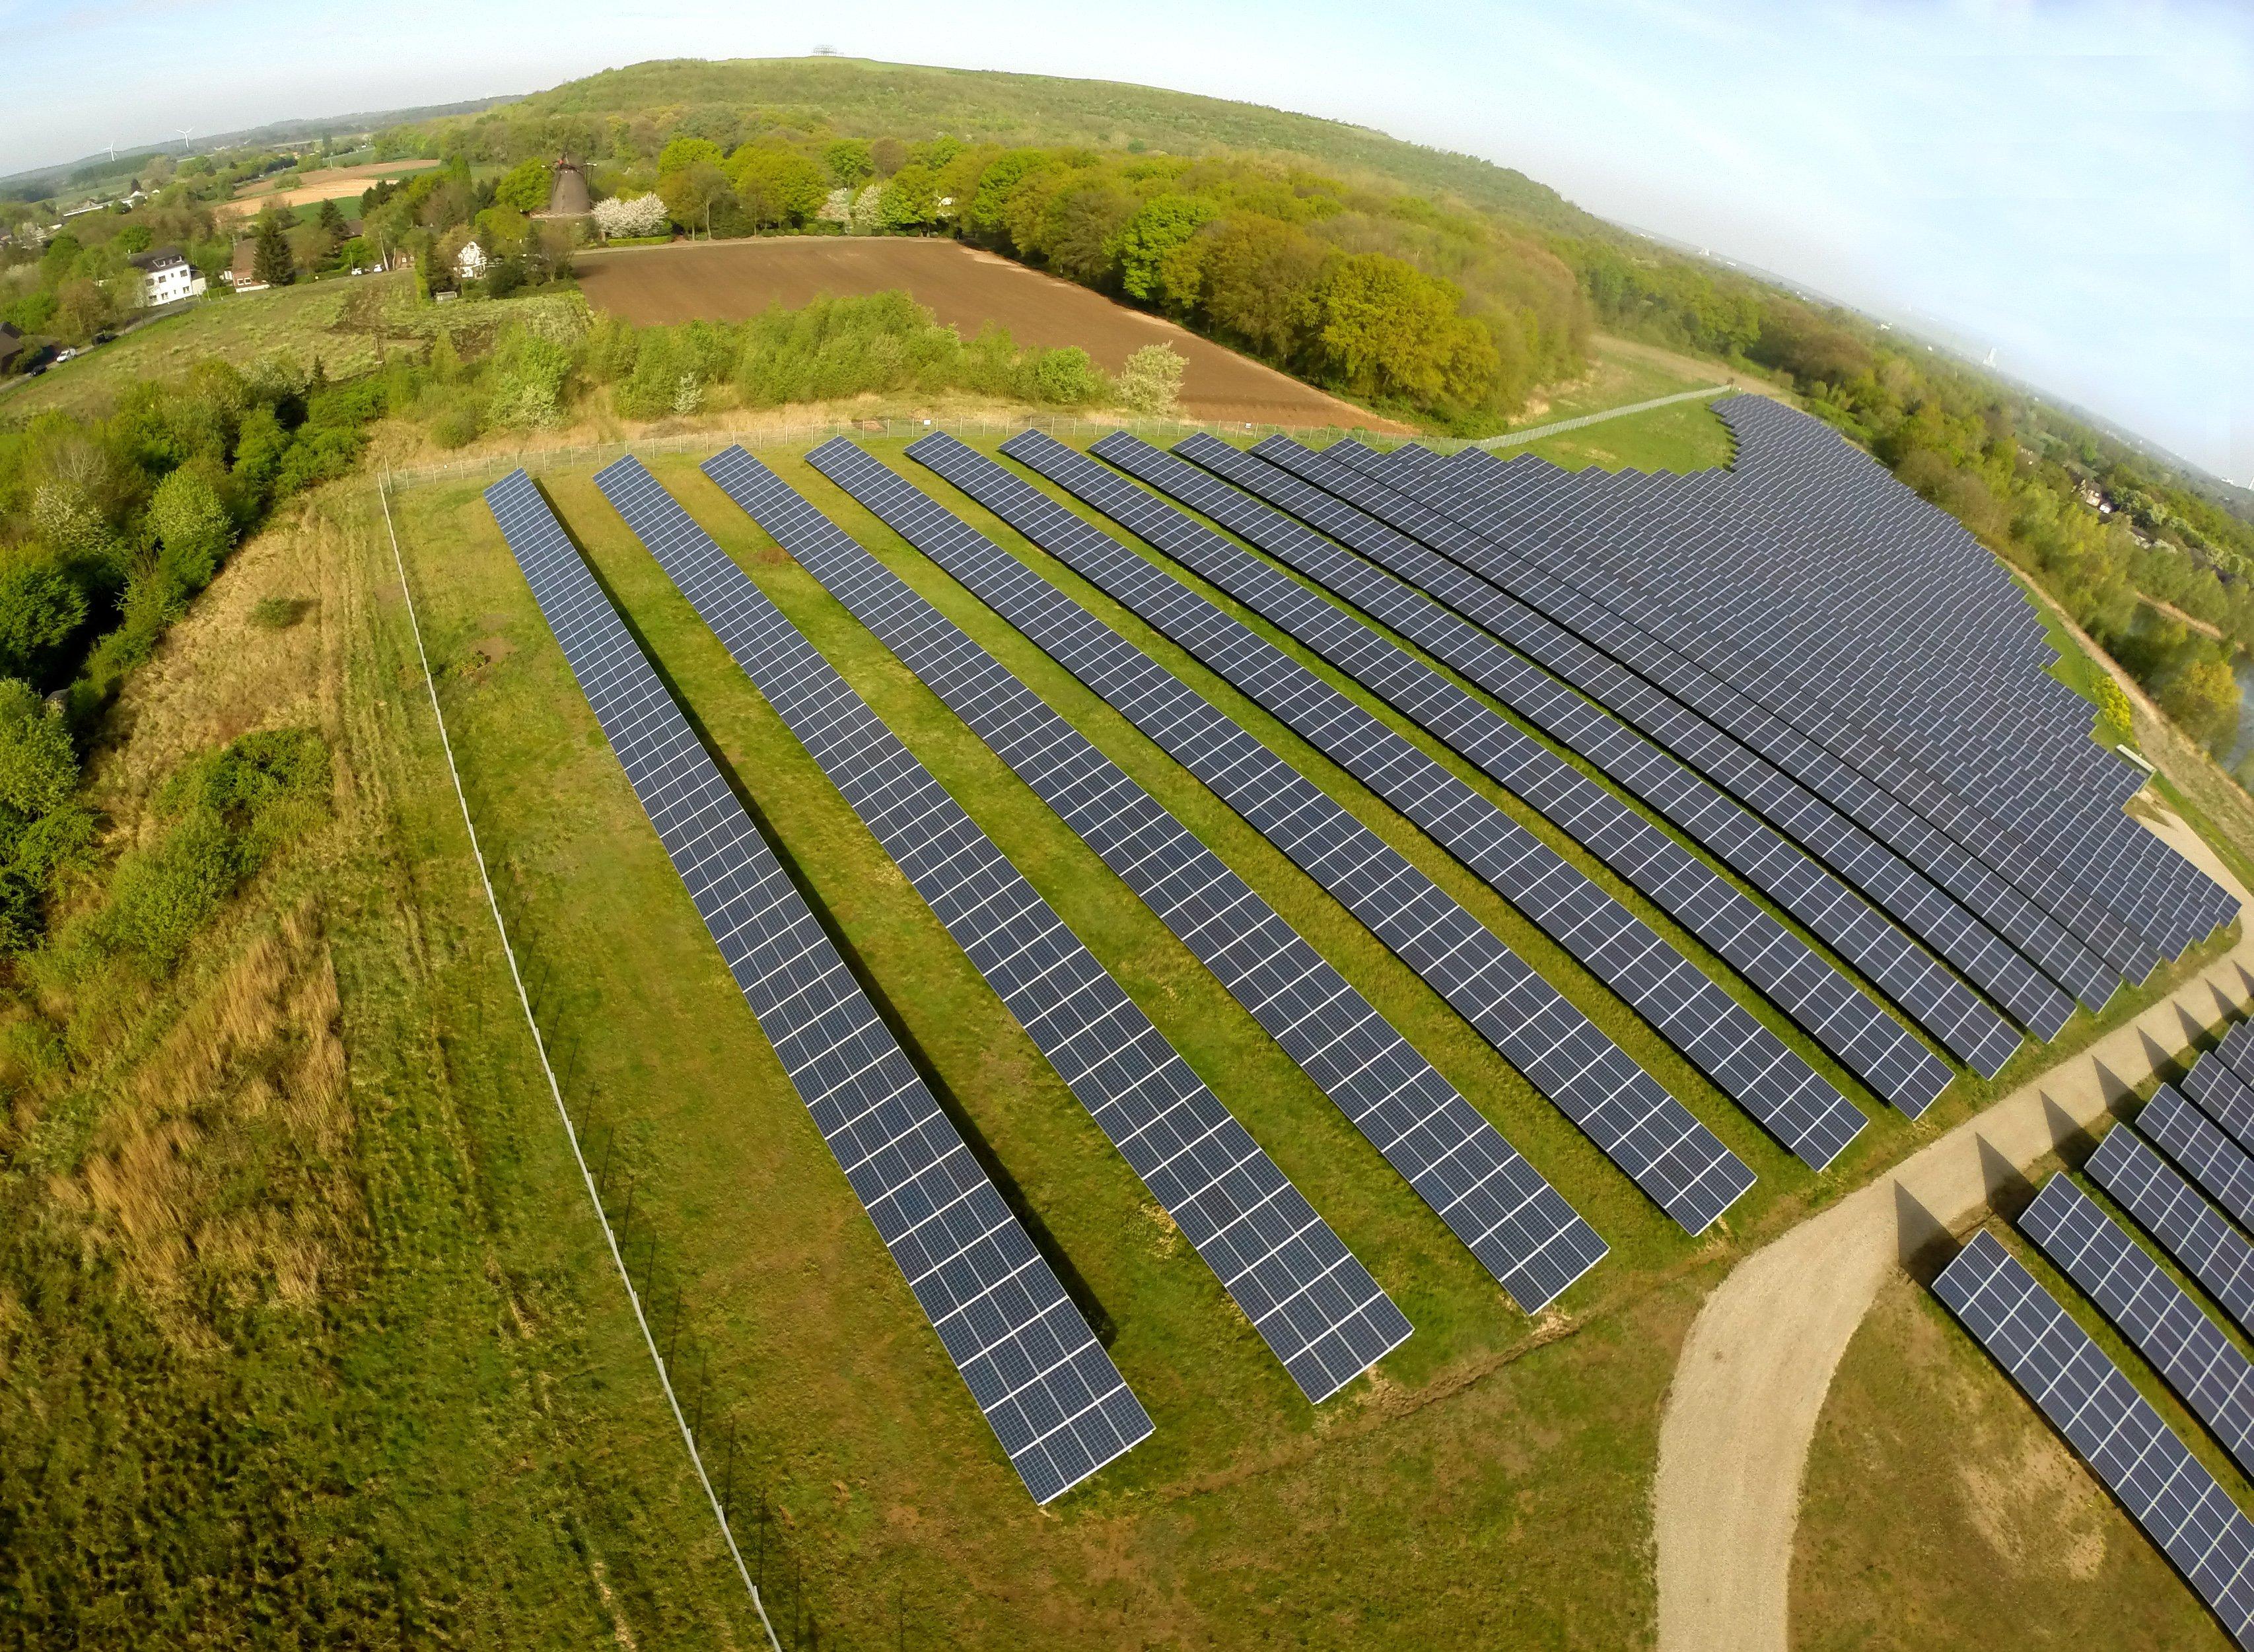 Solarmodule des Solarparks Mühlenfeld in Neukirchen-Vluyn (Nordrhein-Westfalen): Die insgesamt 15.000 Module produzieren mehr als drei Millionen kWh Ökostrom pro Jahr.